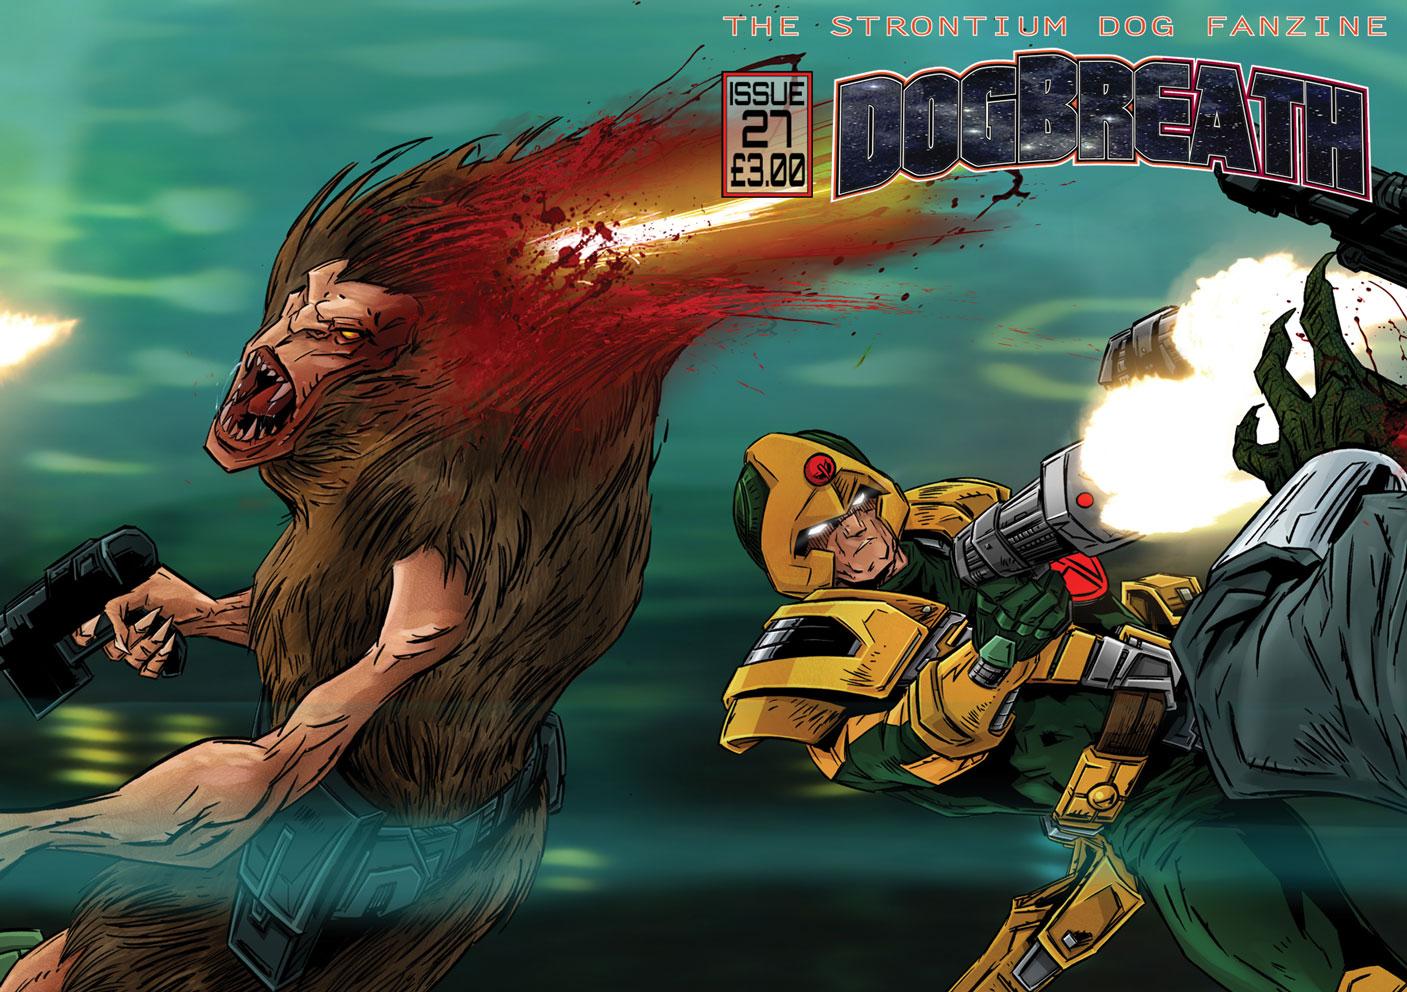 Dogbreath Issue 27